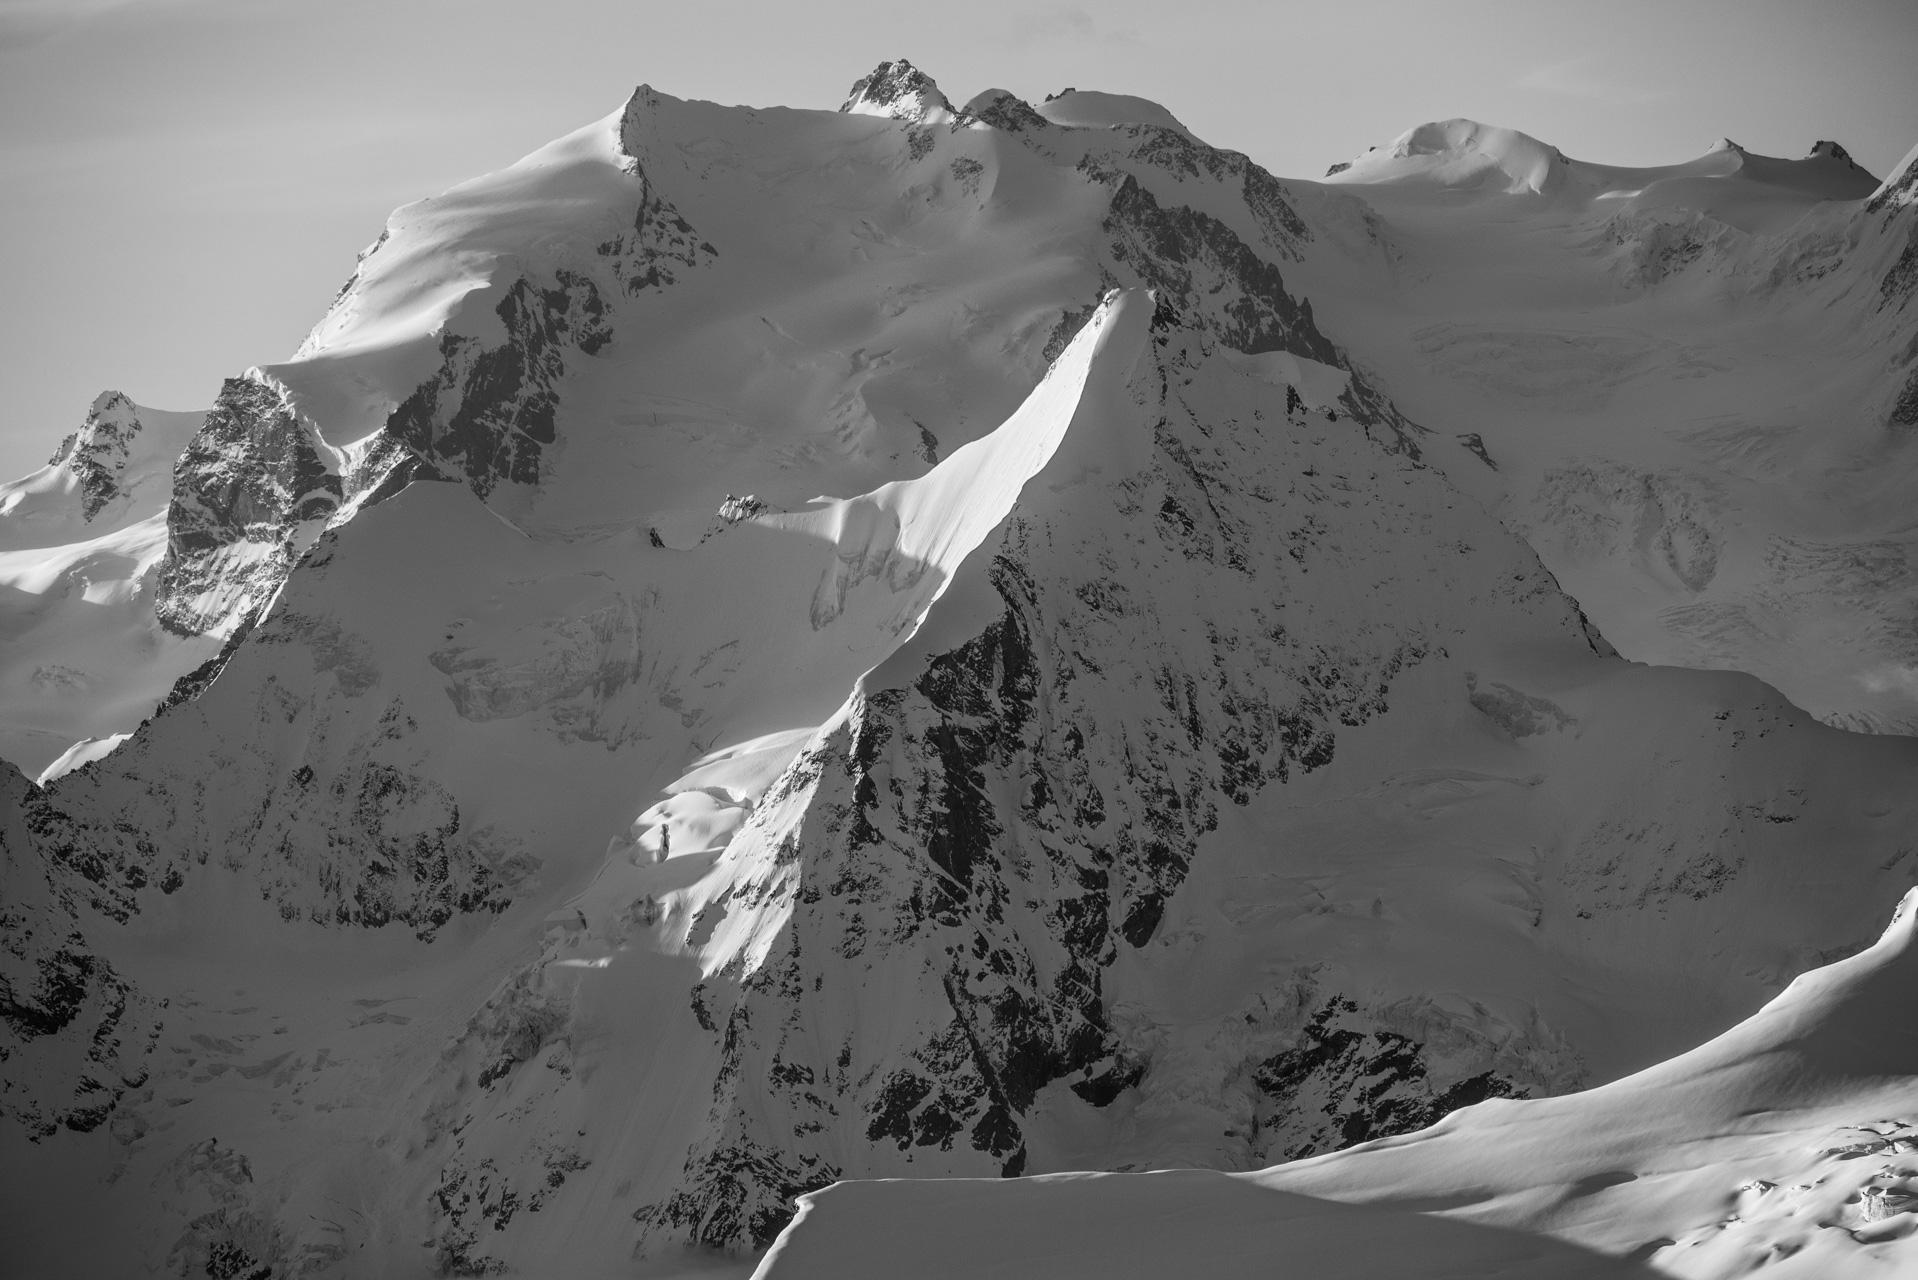 Mont Rose - Obergabelhorn - Photo noir et blanc d'un lever de soleil sur les hautes montagnes de Zermatt - Nordend et la Pointe Dufour